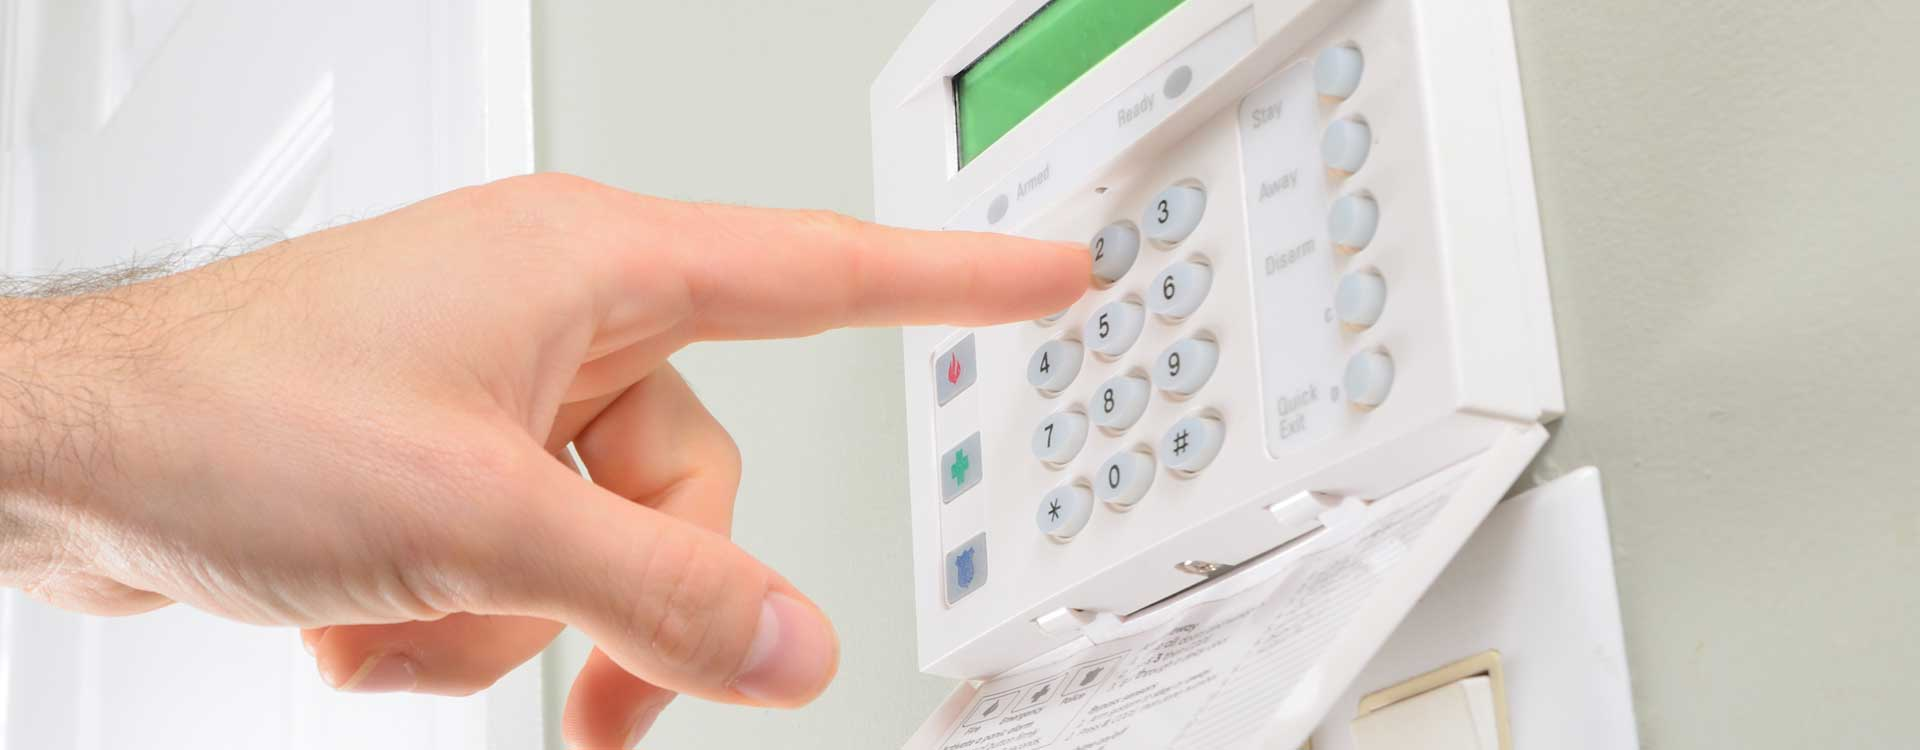 Choisissez votre système d'alarme avec ou sans fil